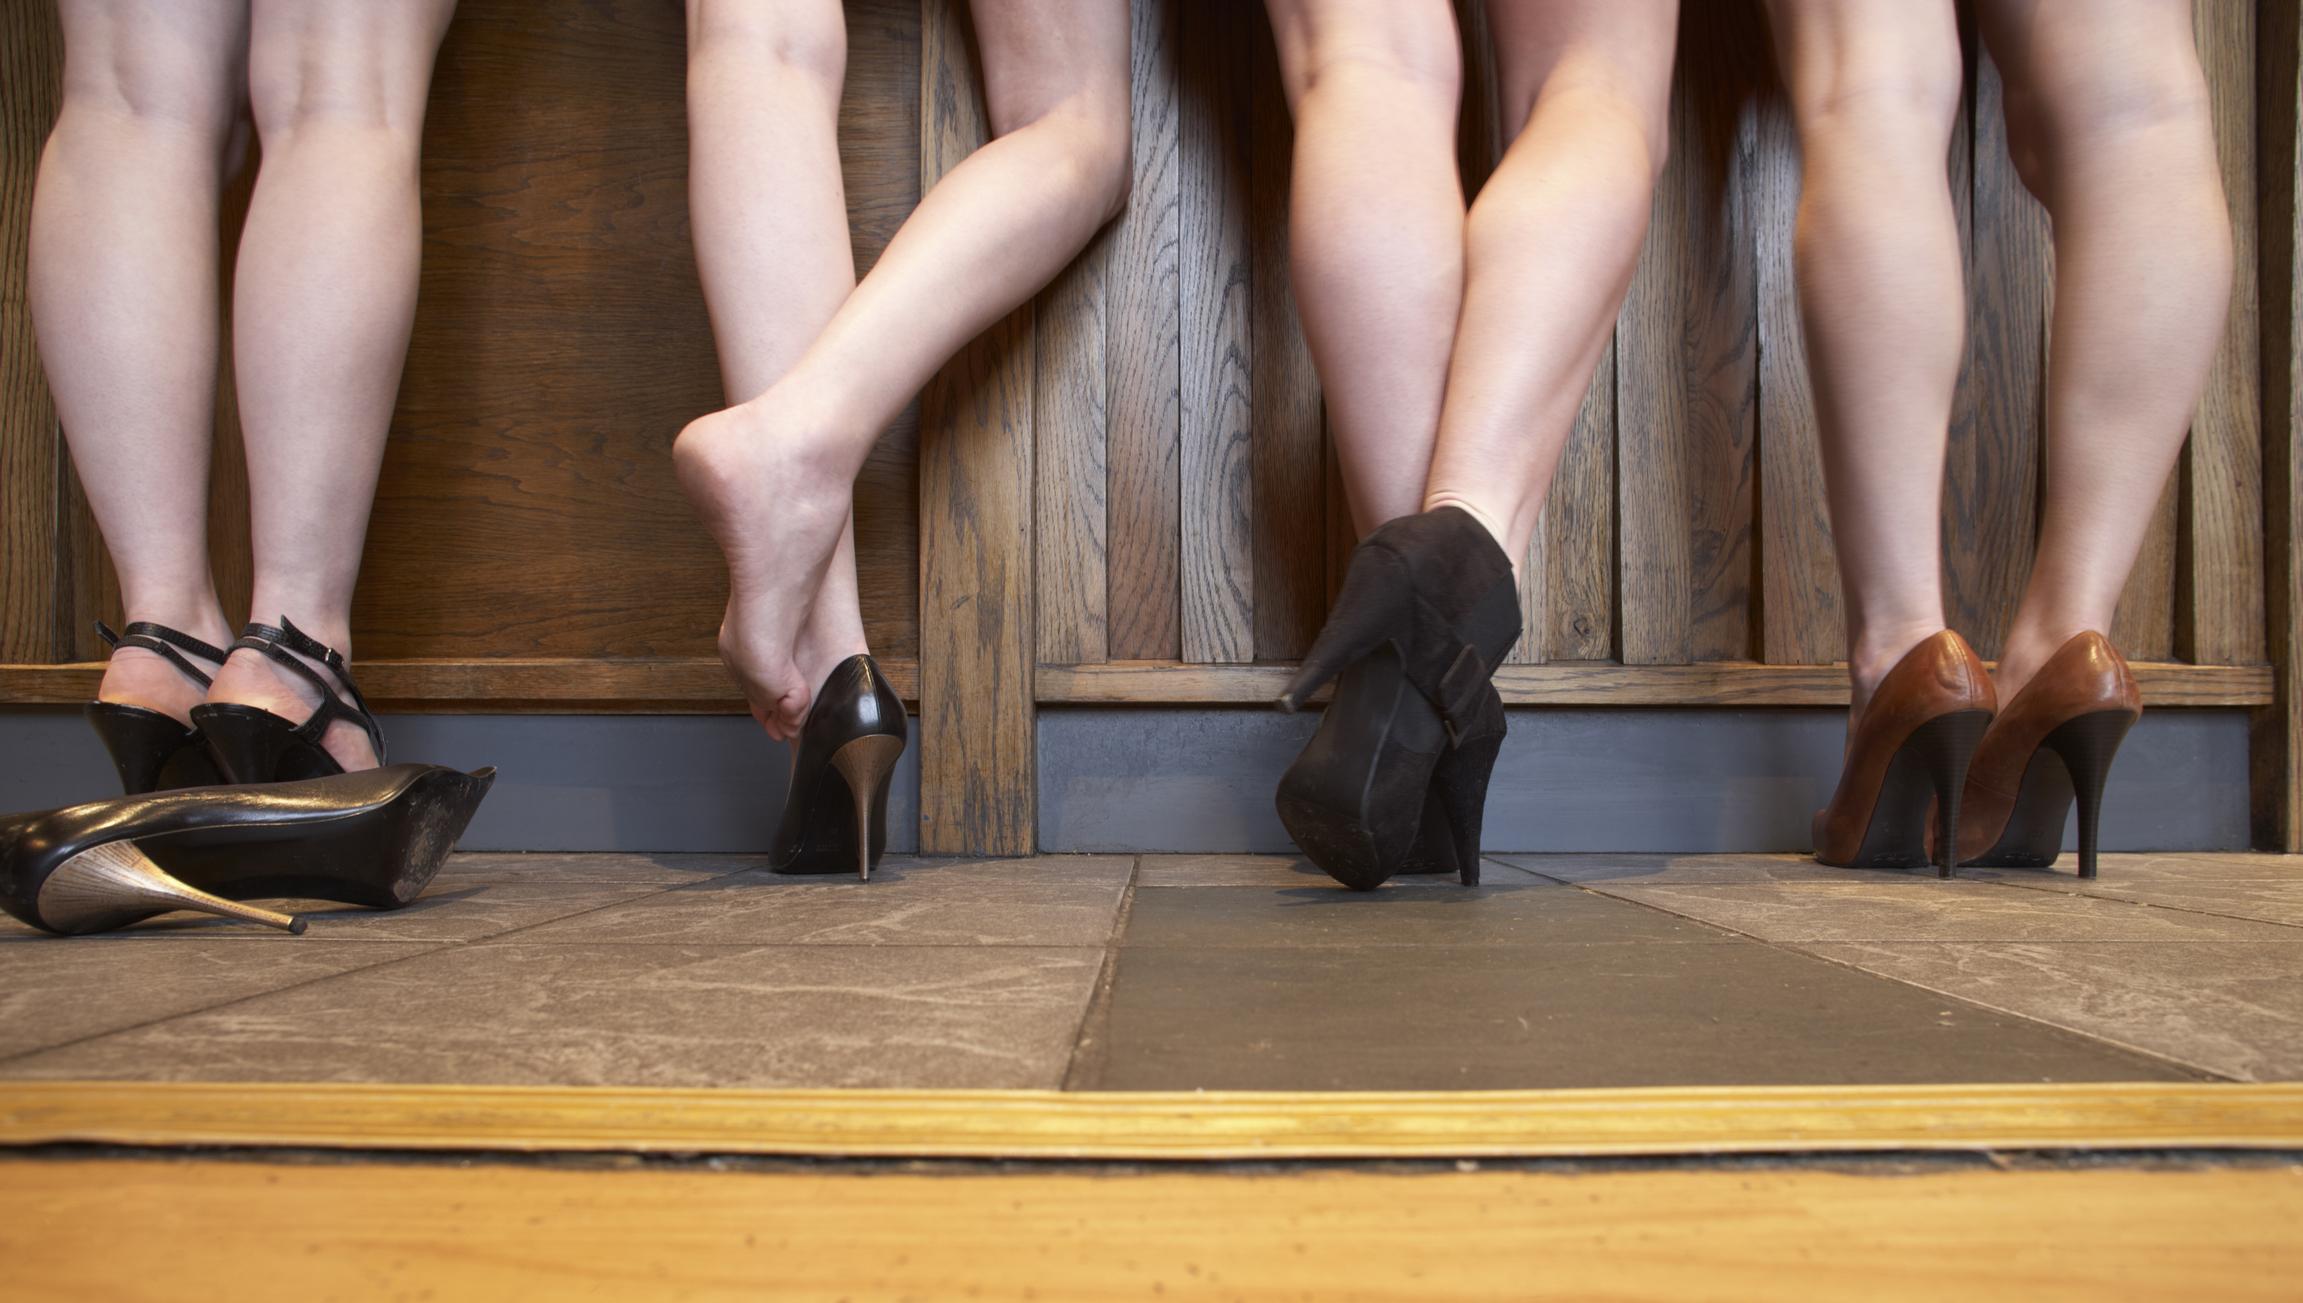 hideg zuhany a visszeres lábak számára